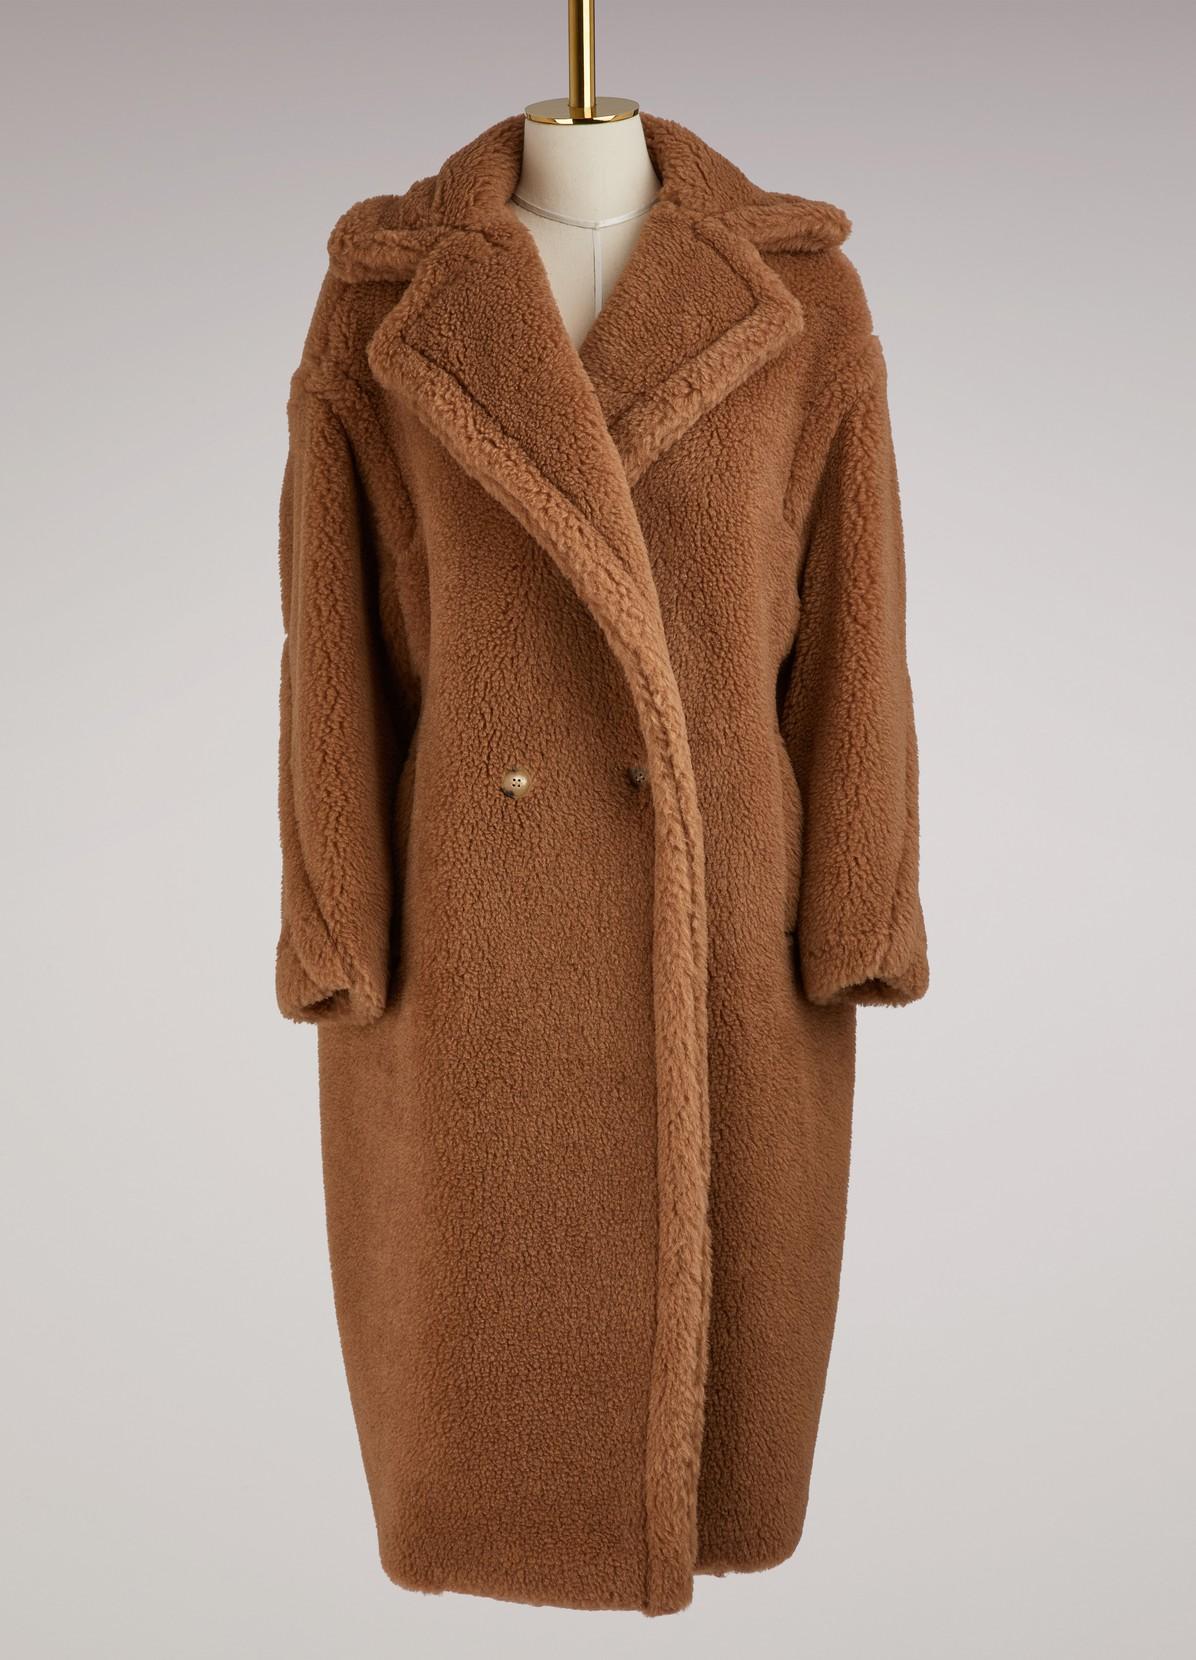 manteau en alpaga aurelia max mara 24 s vres. Black Bedroom Furniture Sets. Home Design Ideas